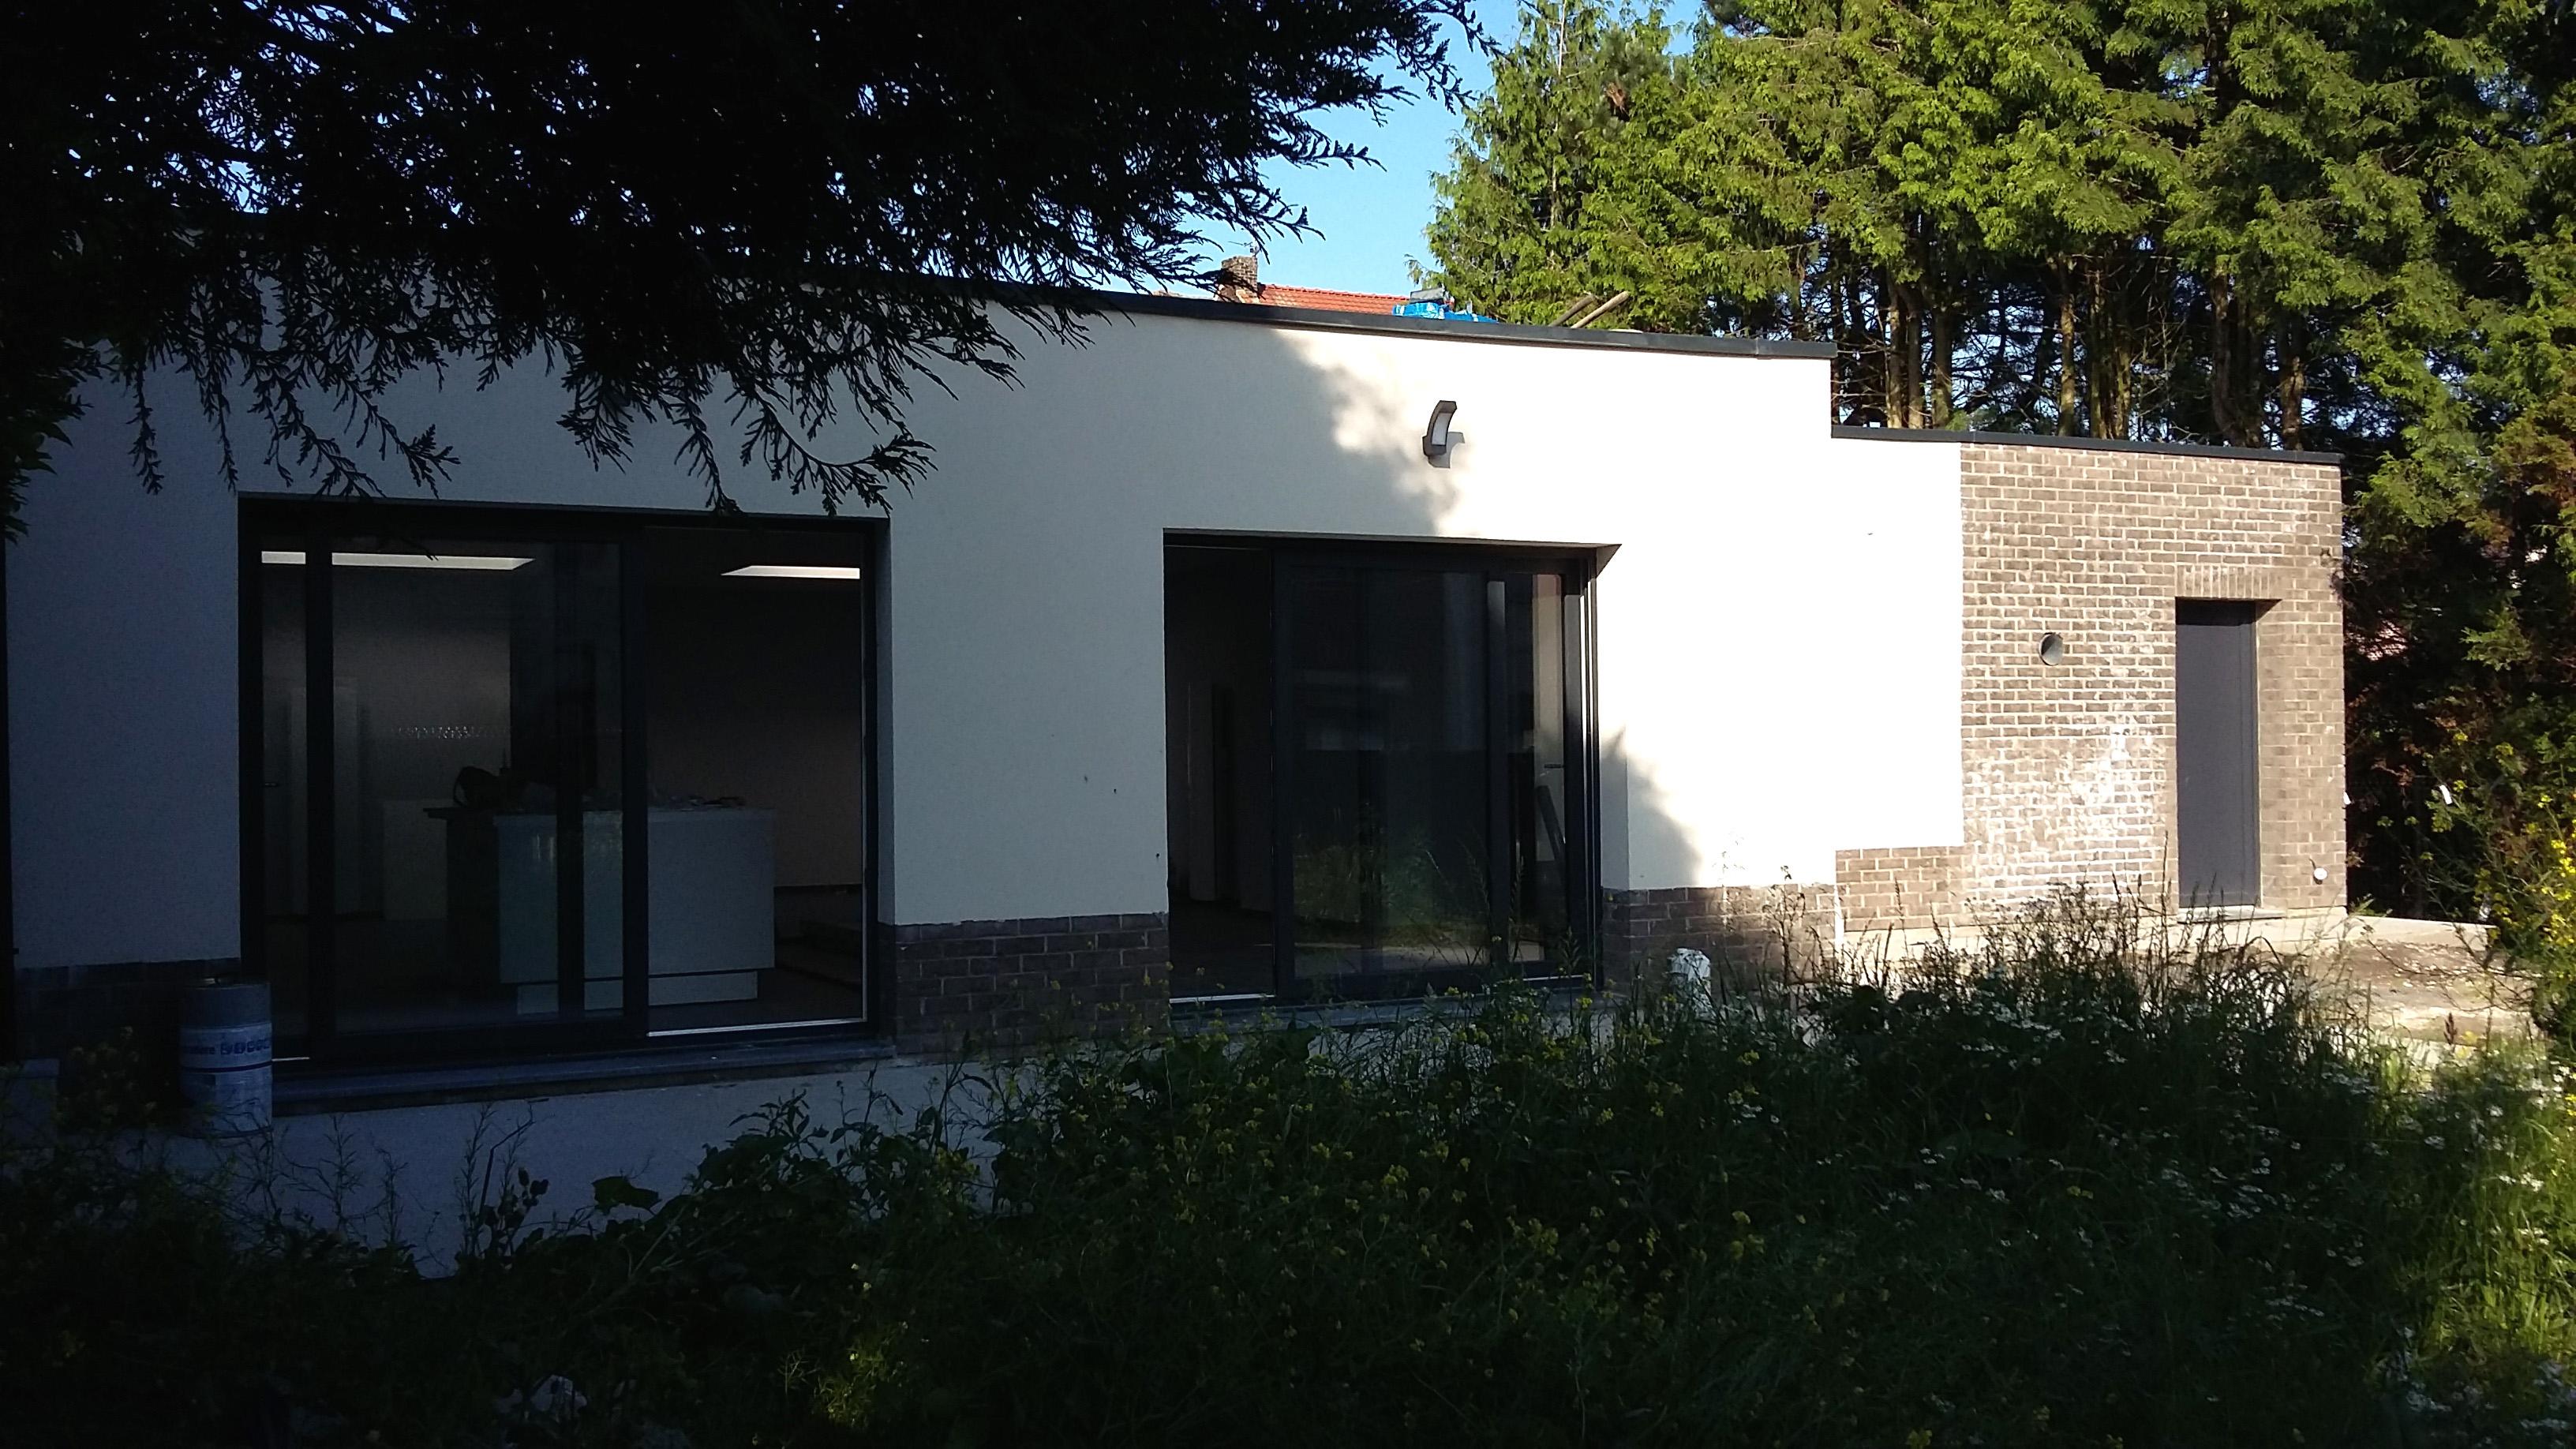 14.01 Construction maison Lys lez Lannoy - Atelier permis de construire5.3